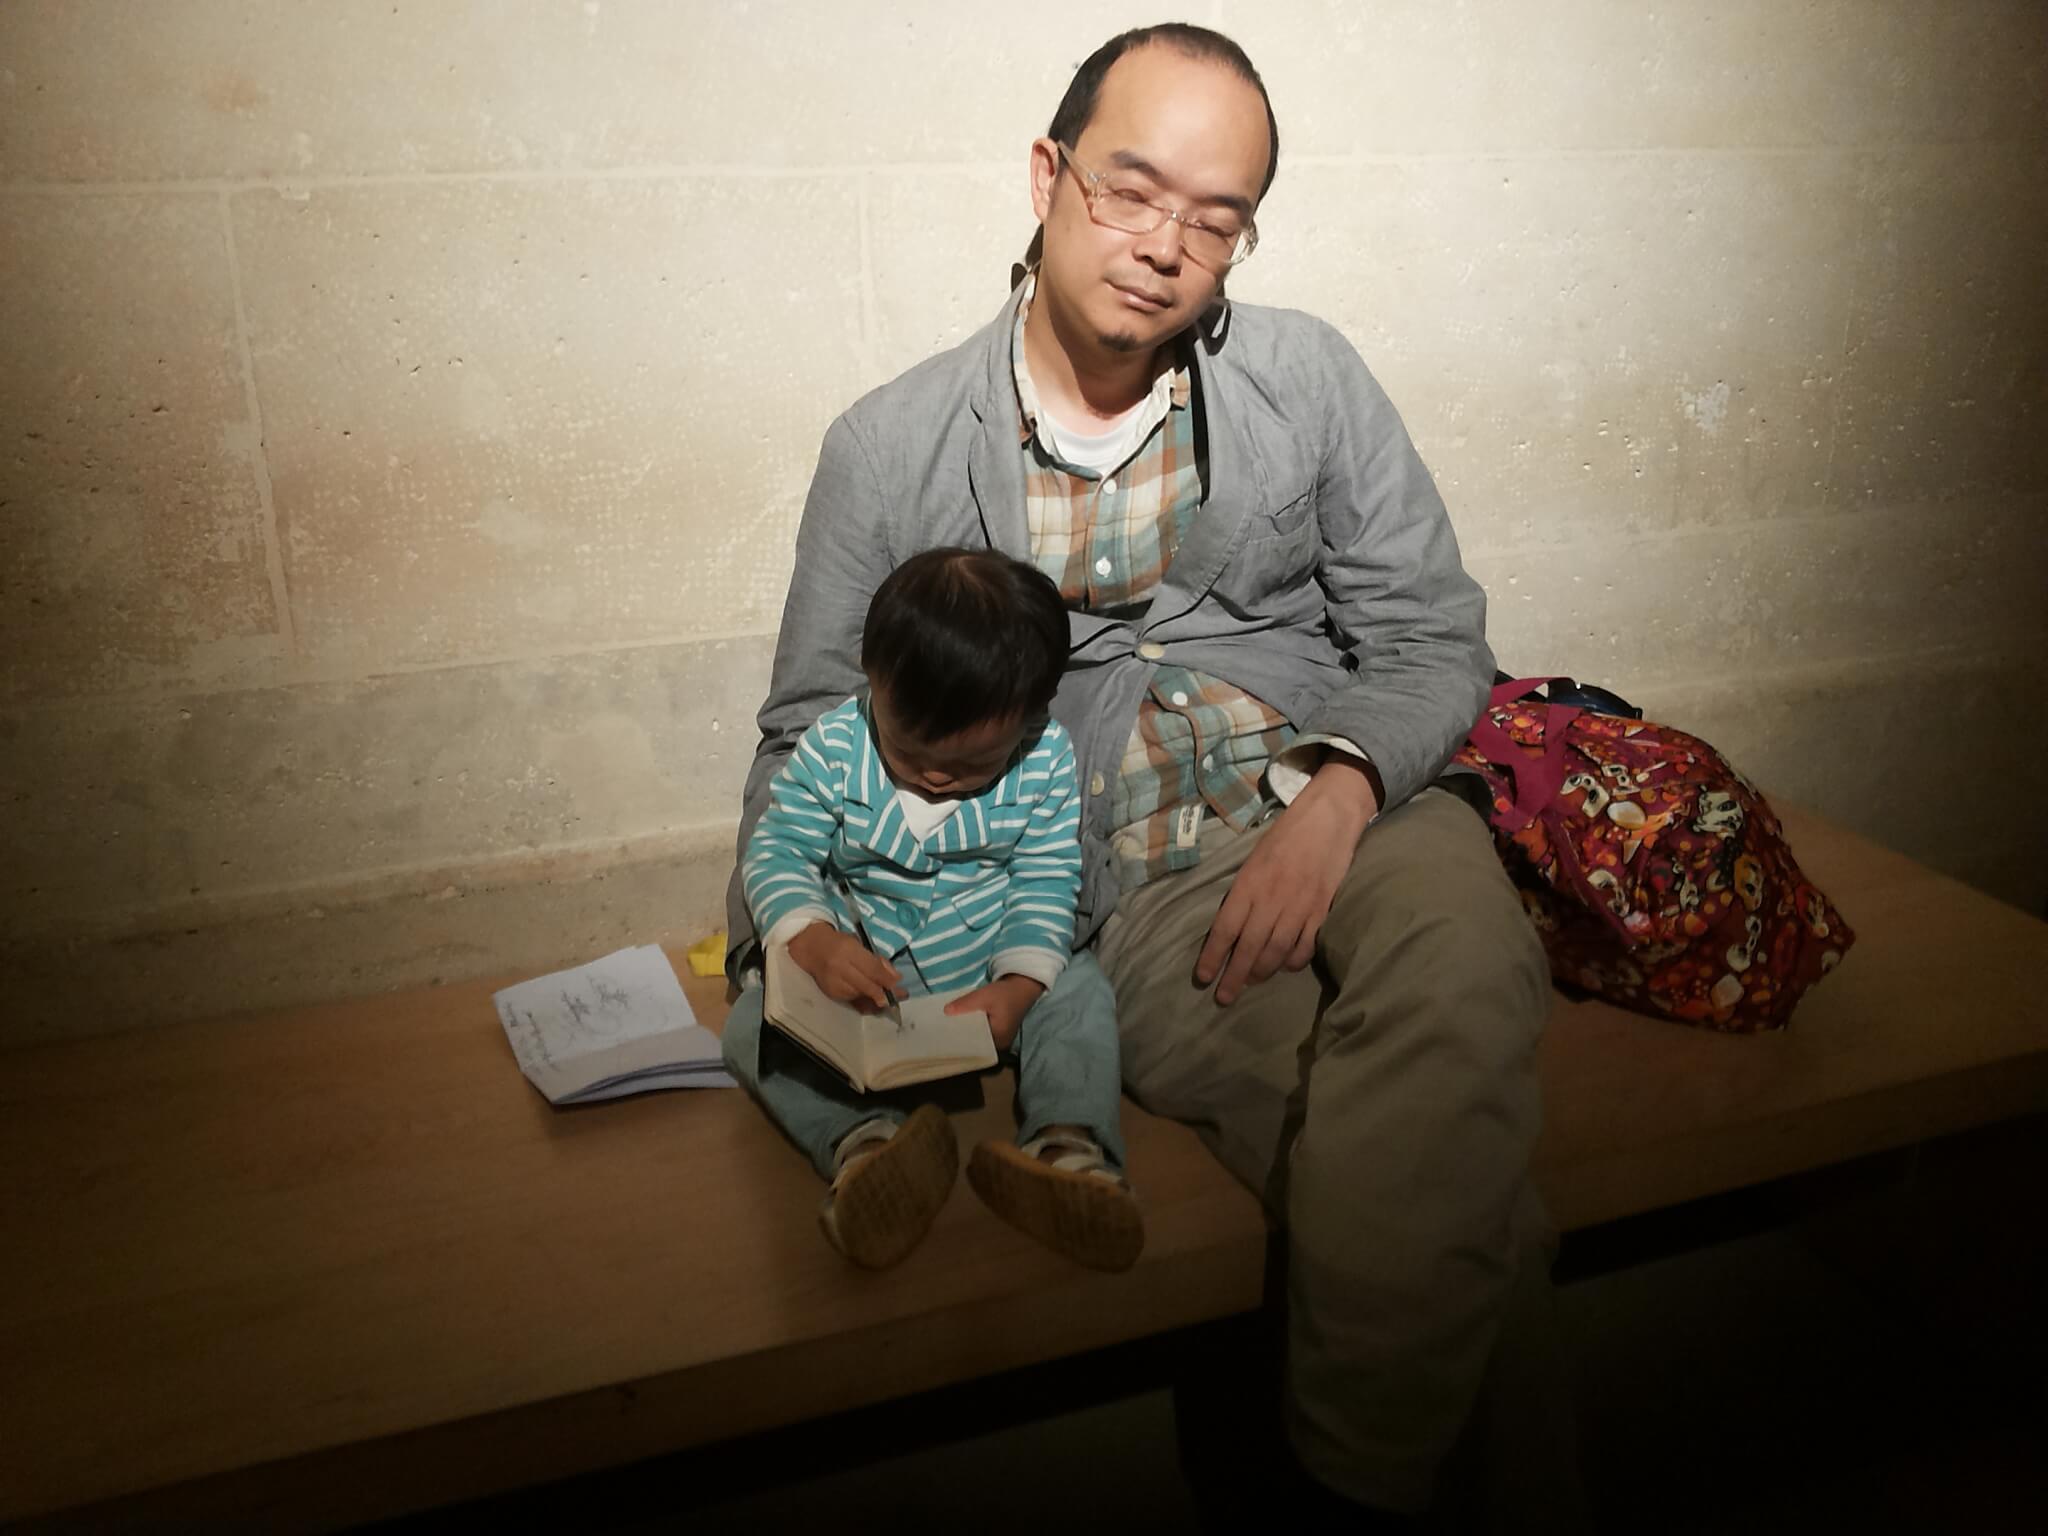 他和川在巴黎,兩個人逛藝術館後累壞,他在路邊擁著兒子睡了起來。